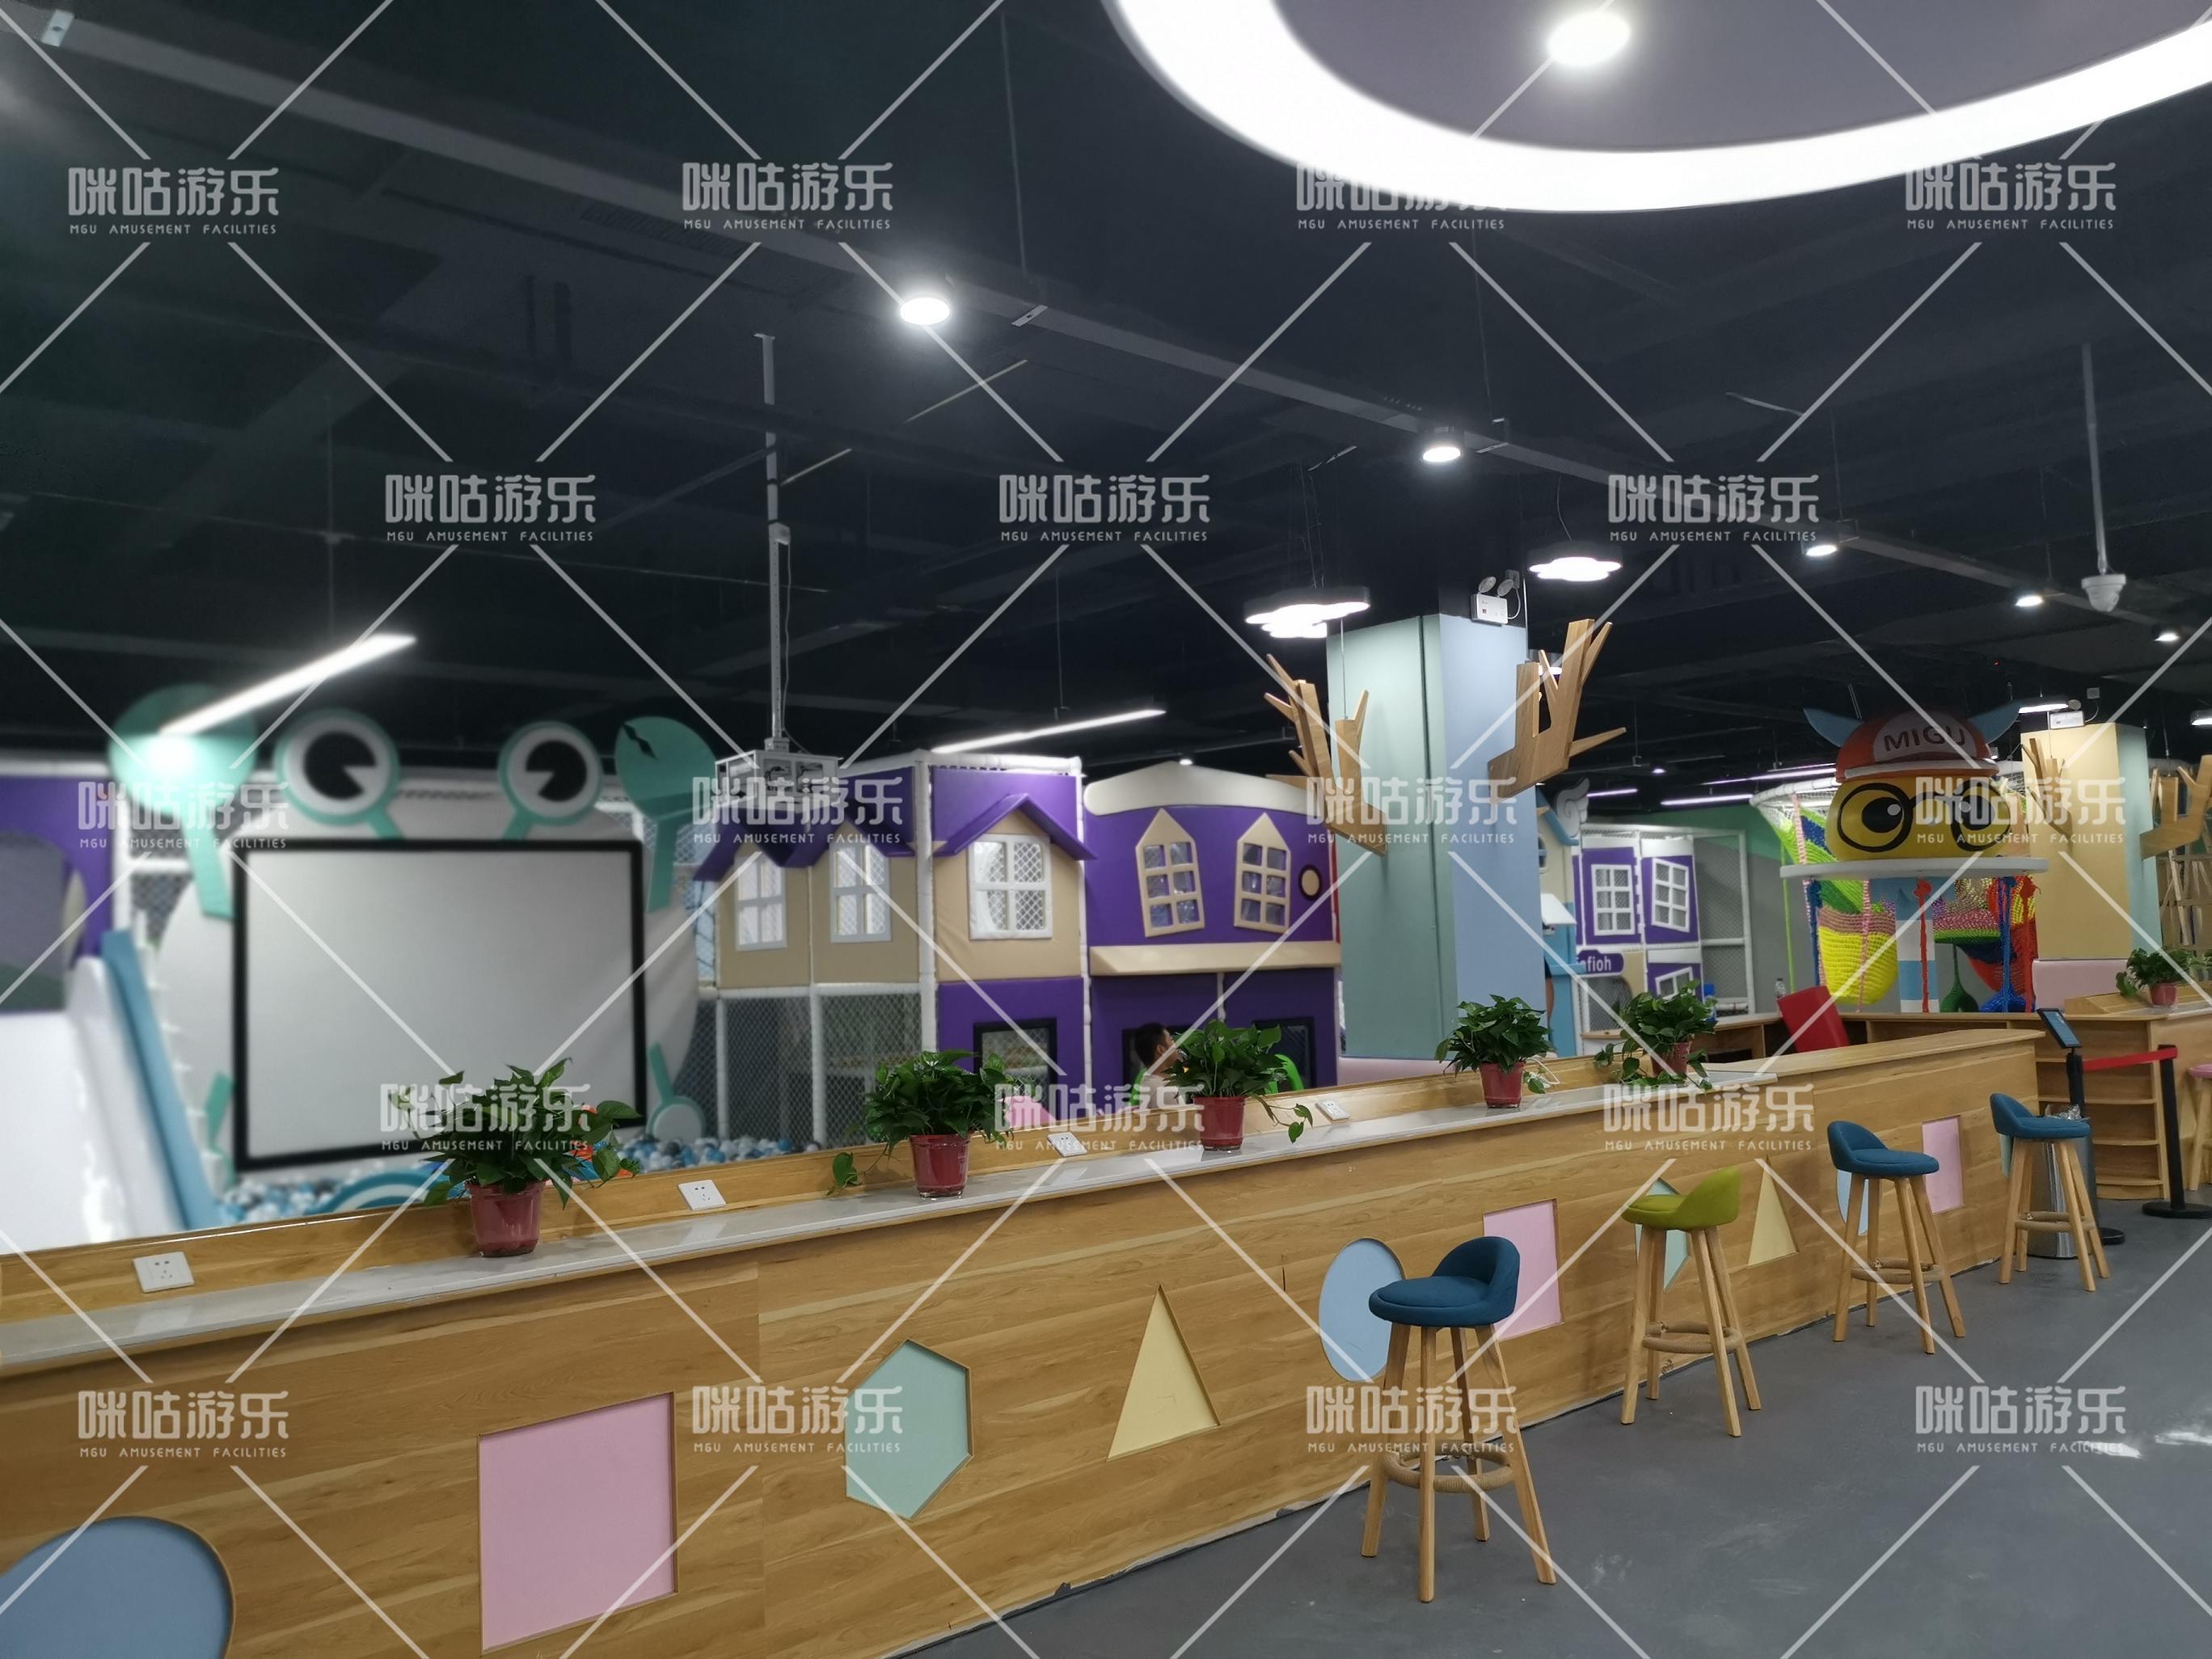 微信图片_20200429155902.jpg 新开的儿童游乐园,要怎么经营? 加盟资讯 游乐设备第2张